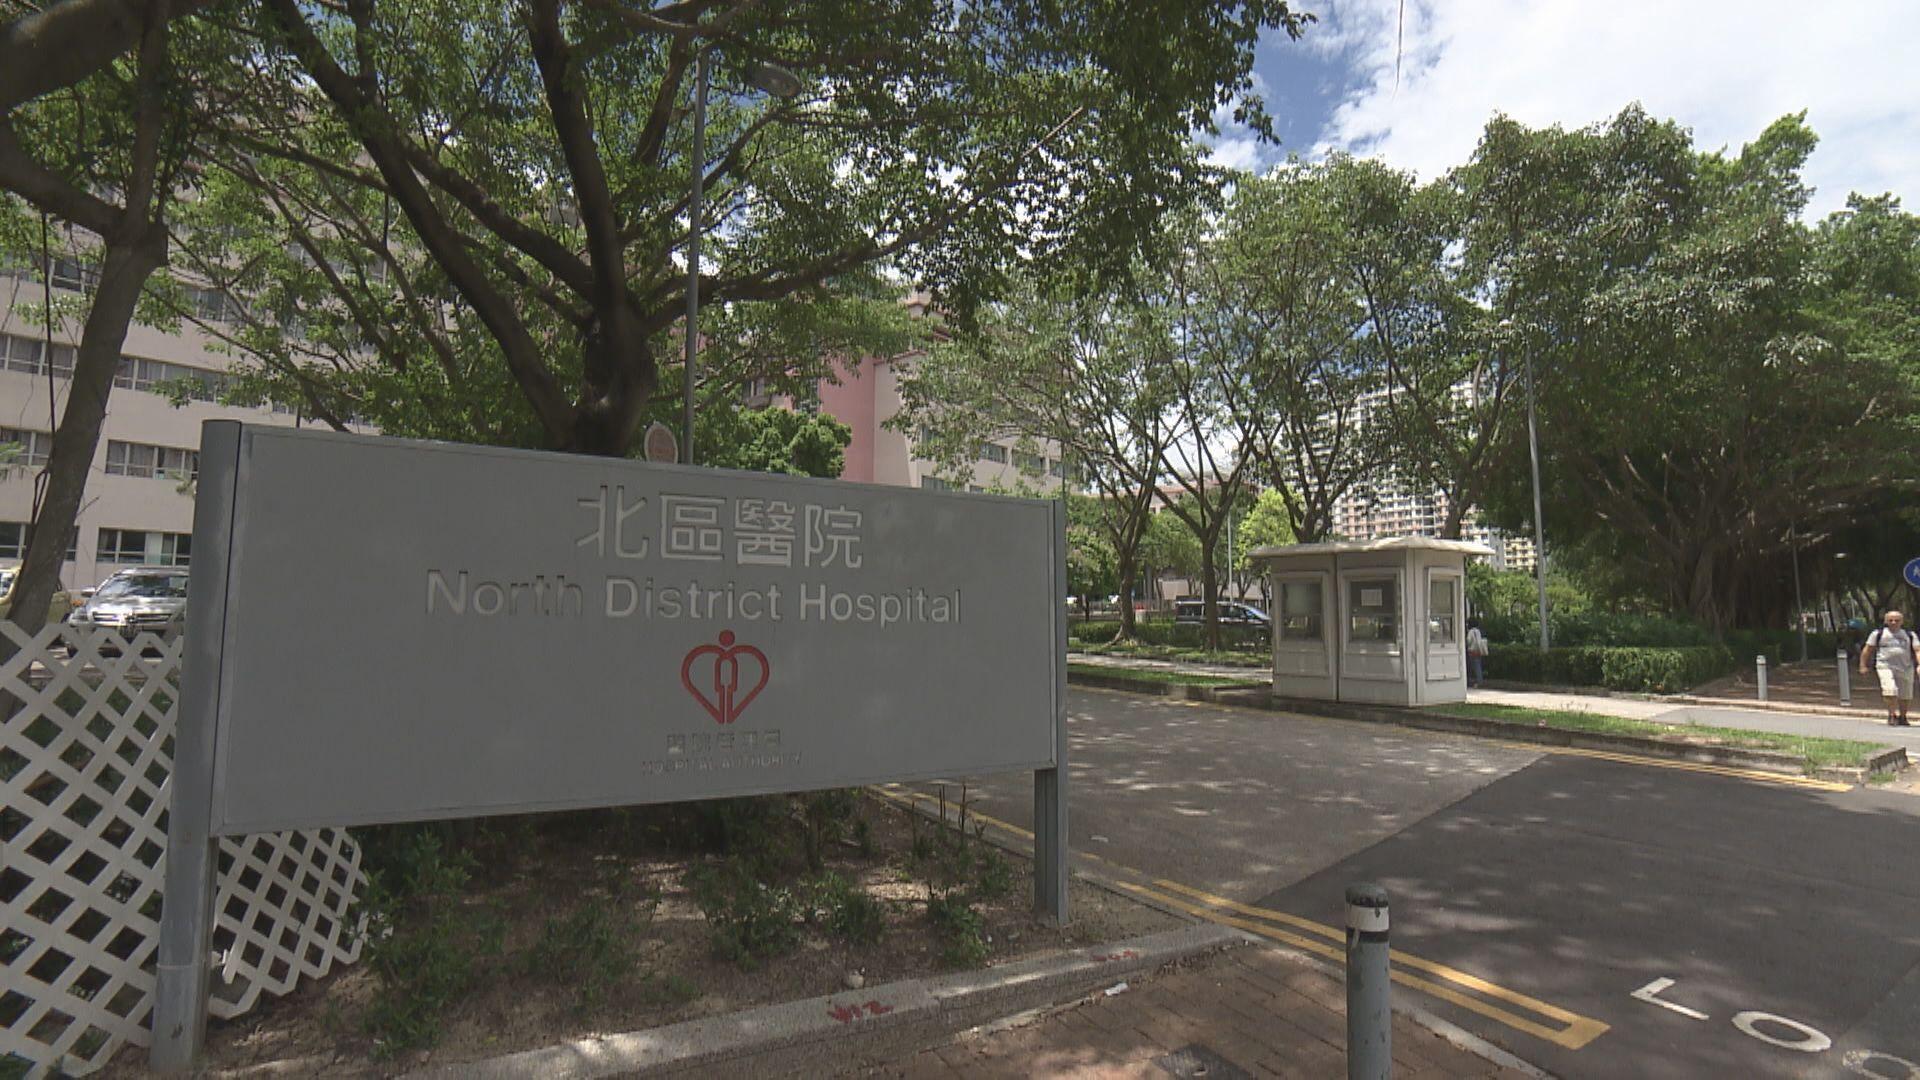 消息:北區醫院人為失誤四包急凍血漿未有冷藏須銷毀